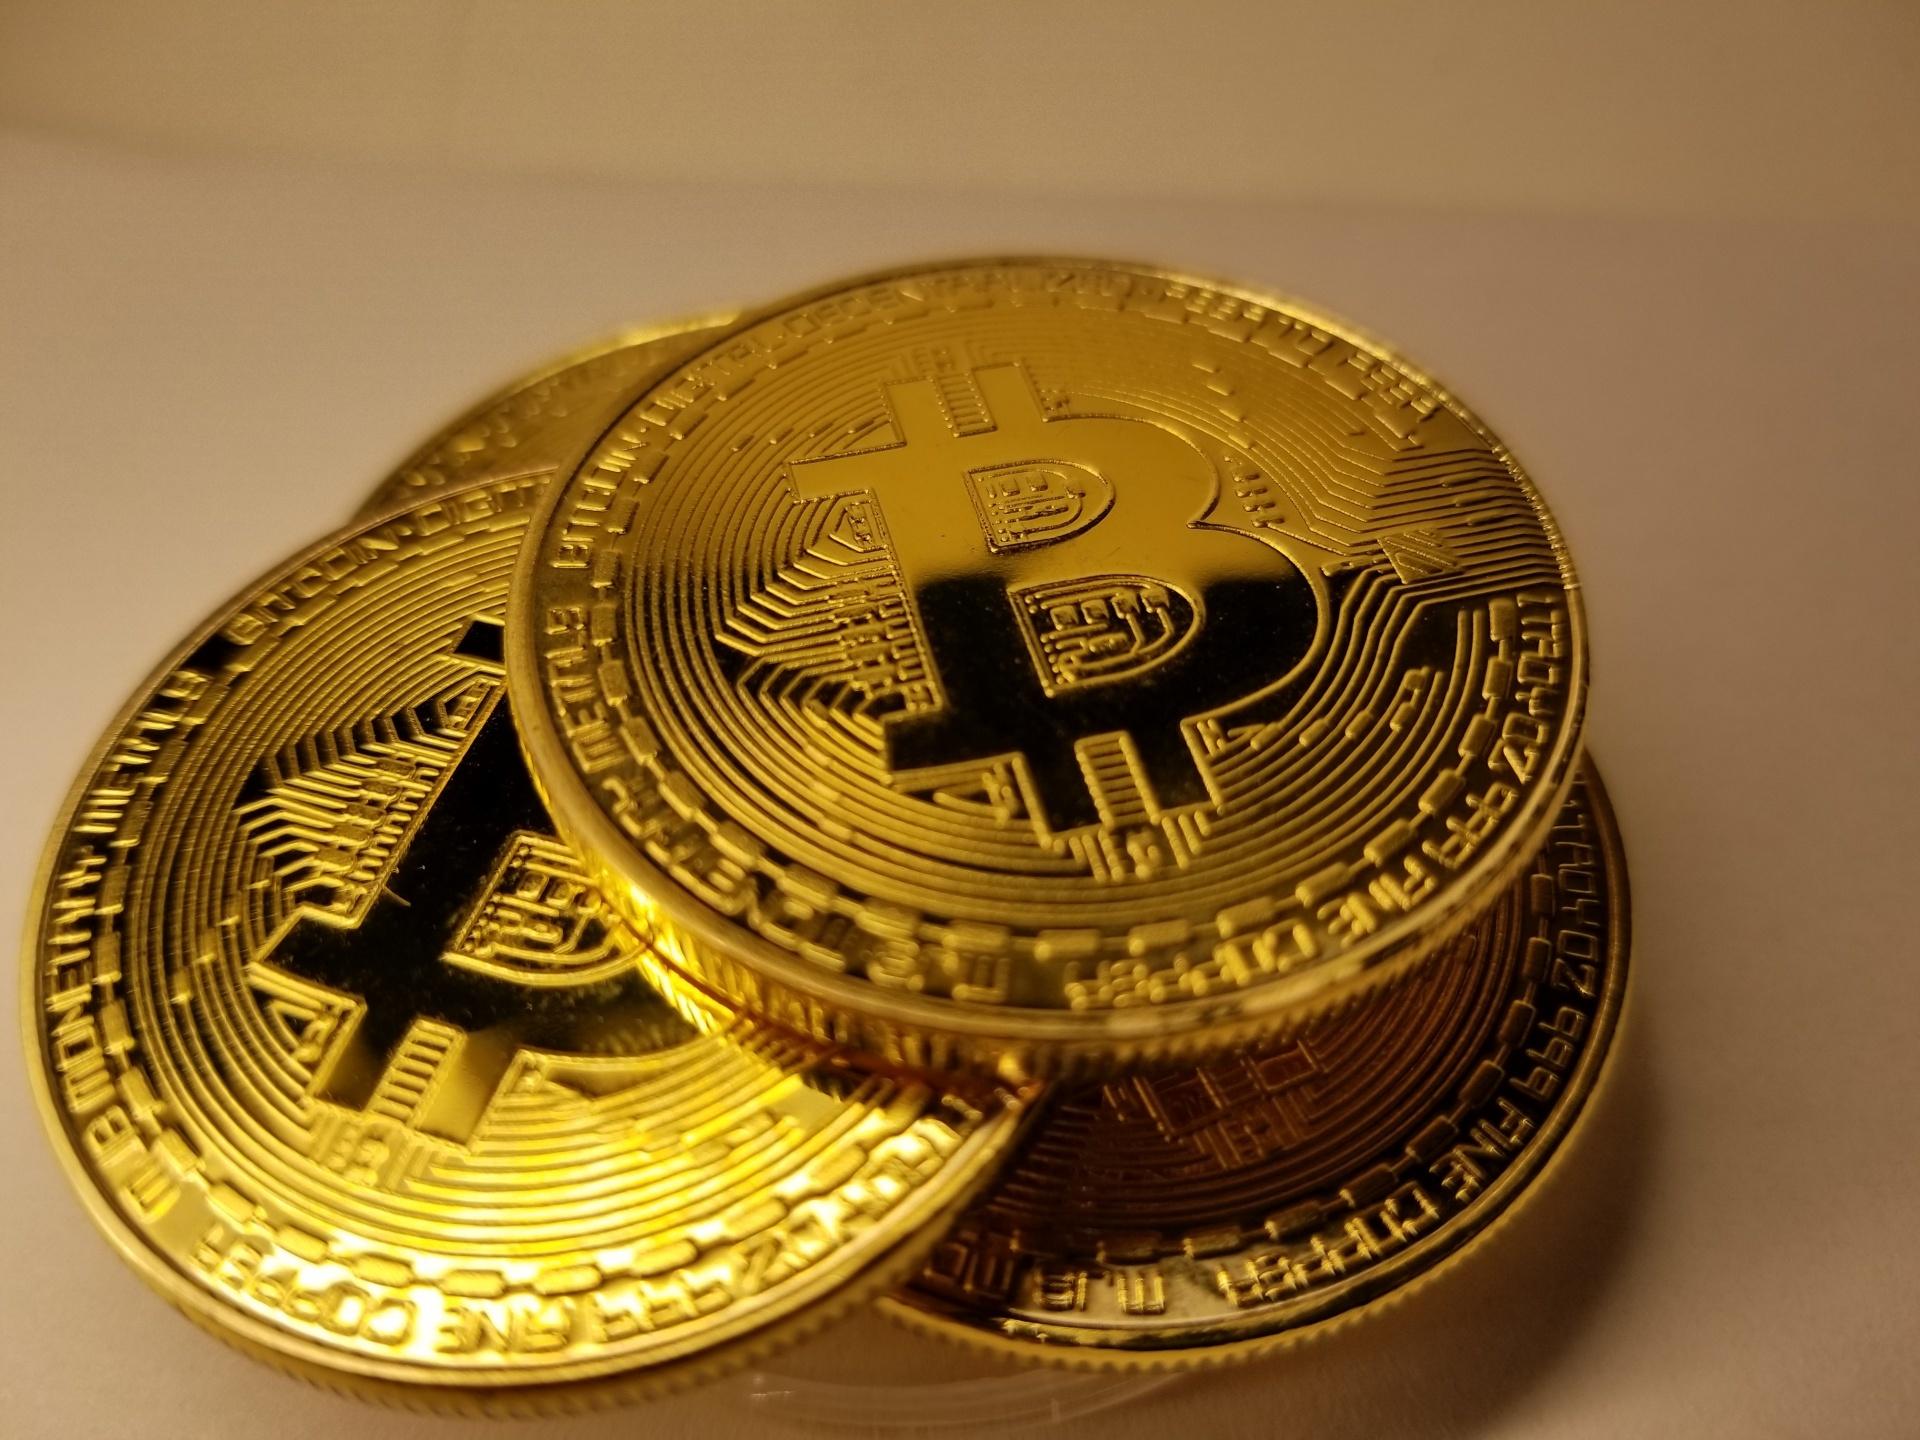 valută de tranzacționare flashback ce poți investi și câștiga bani